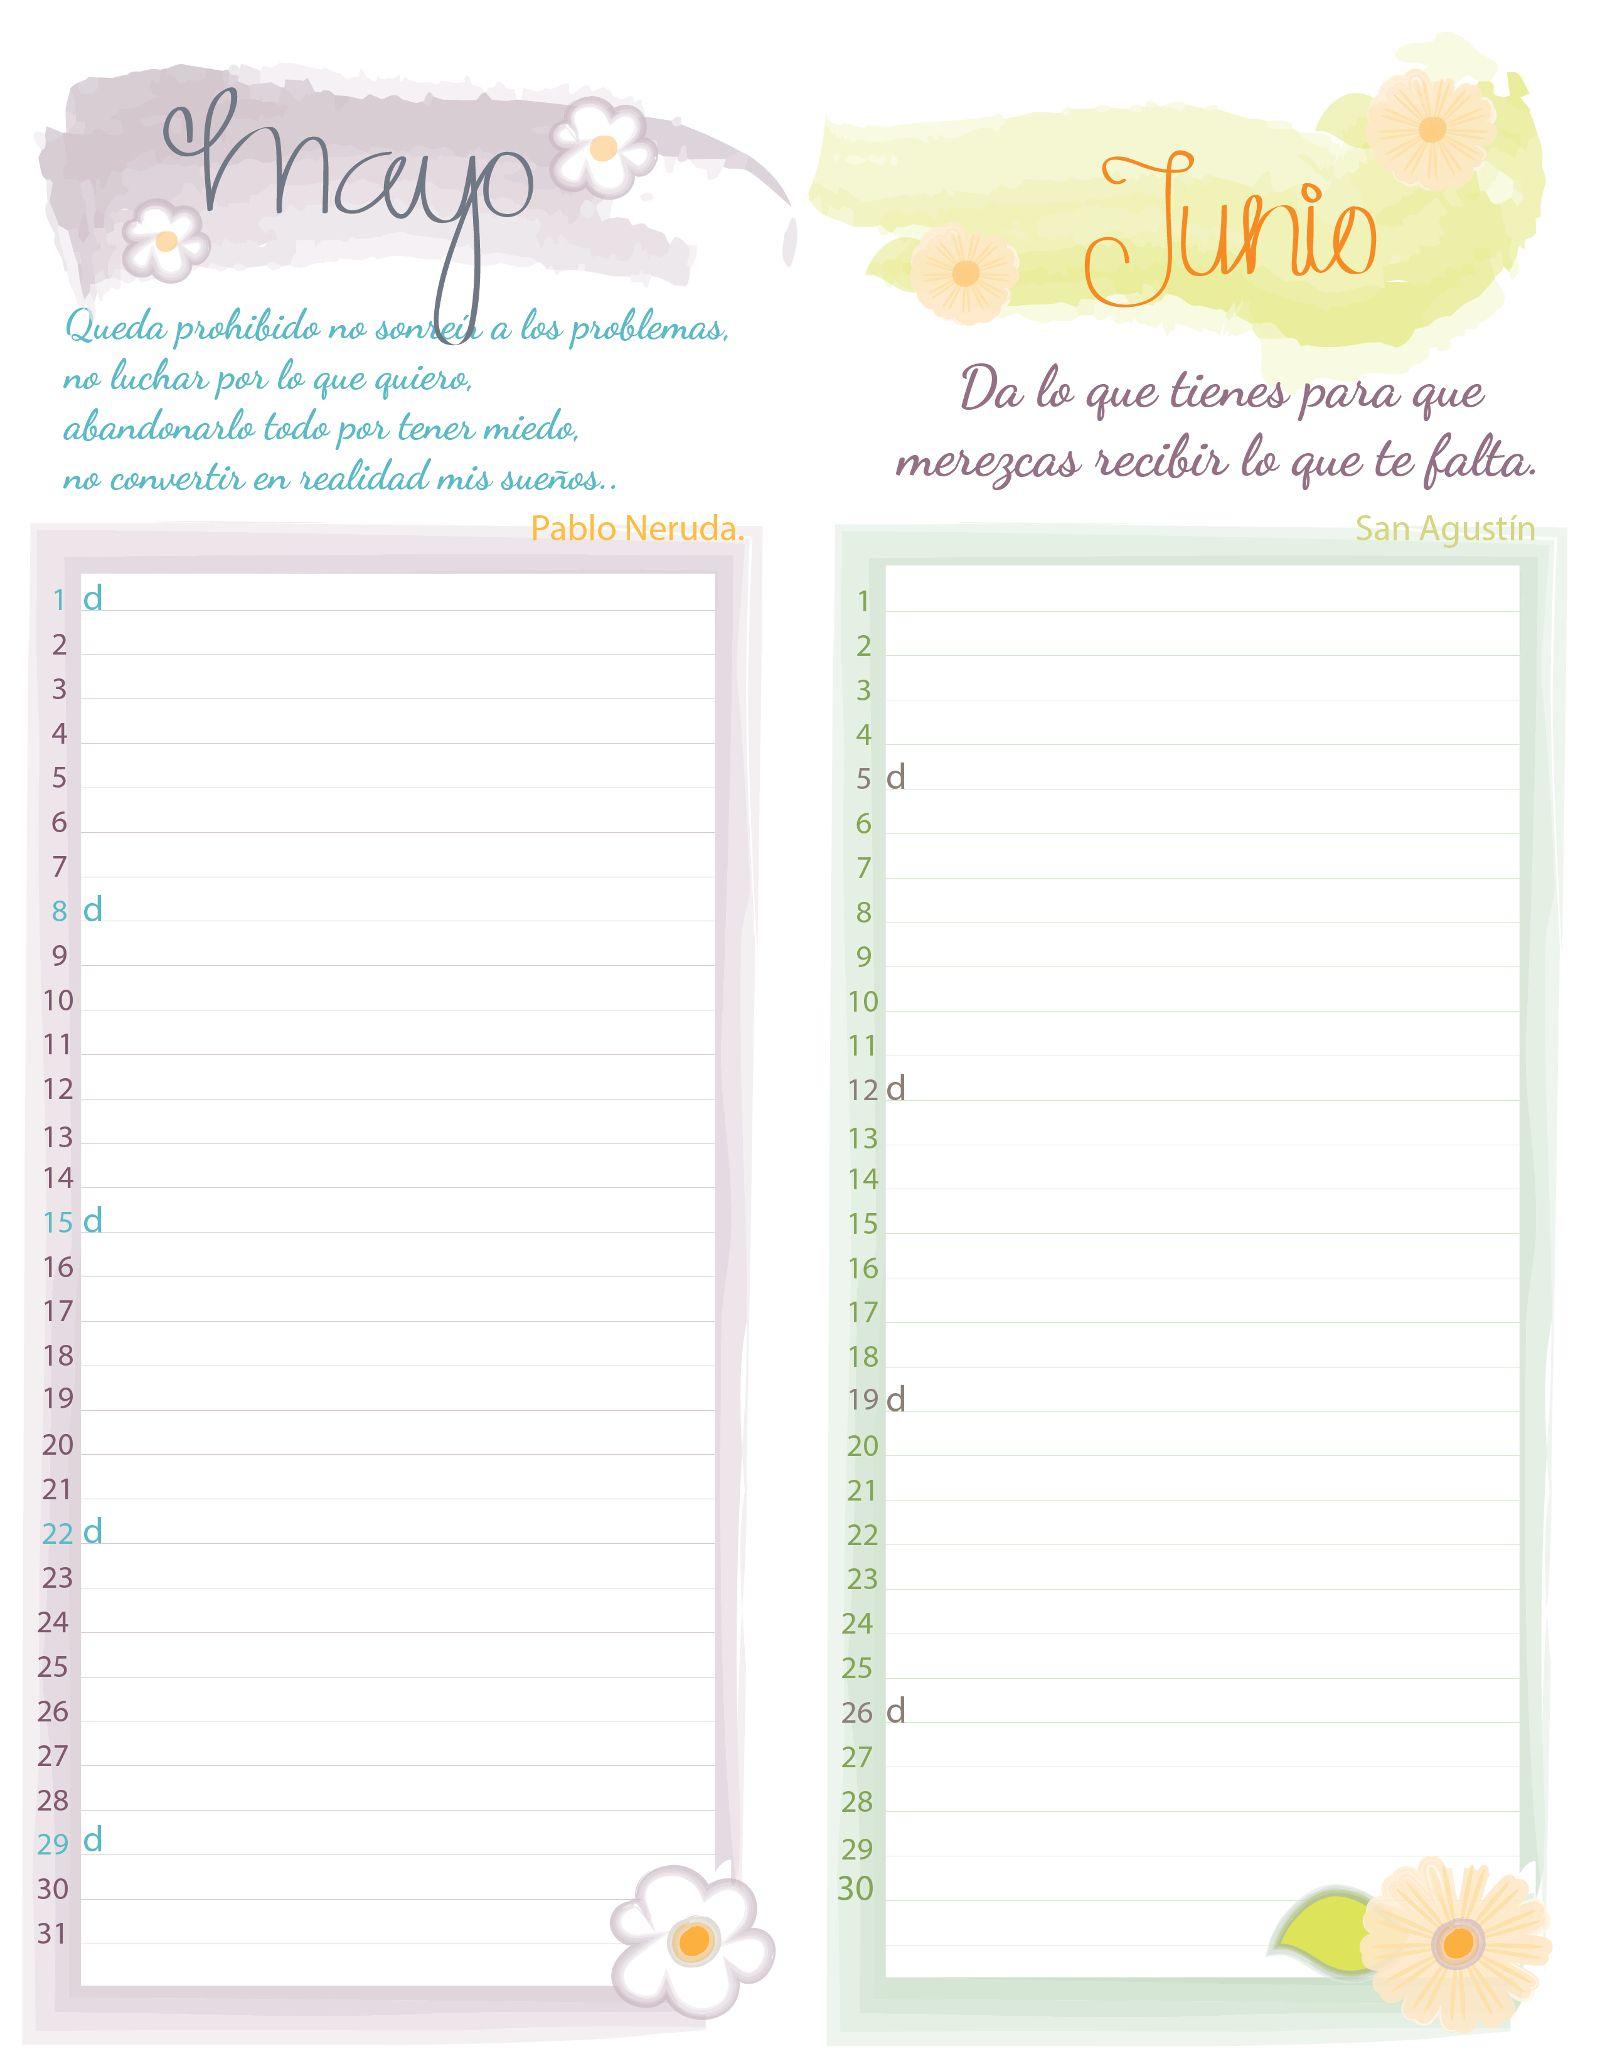 Calendarios mensuales para descargar e imprimir organiza - Disenos de calendarios ...